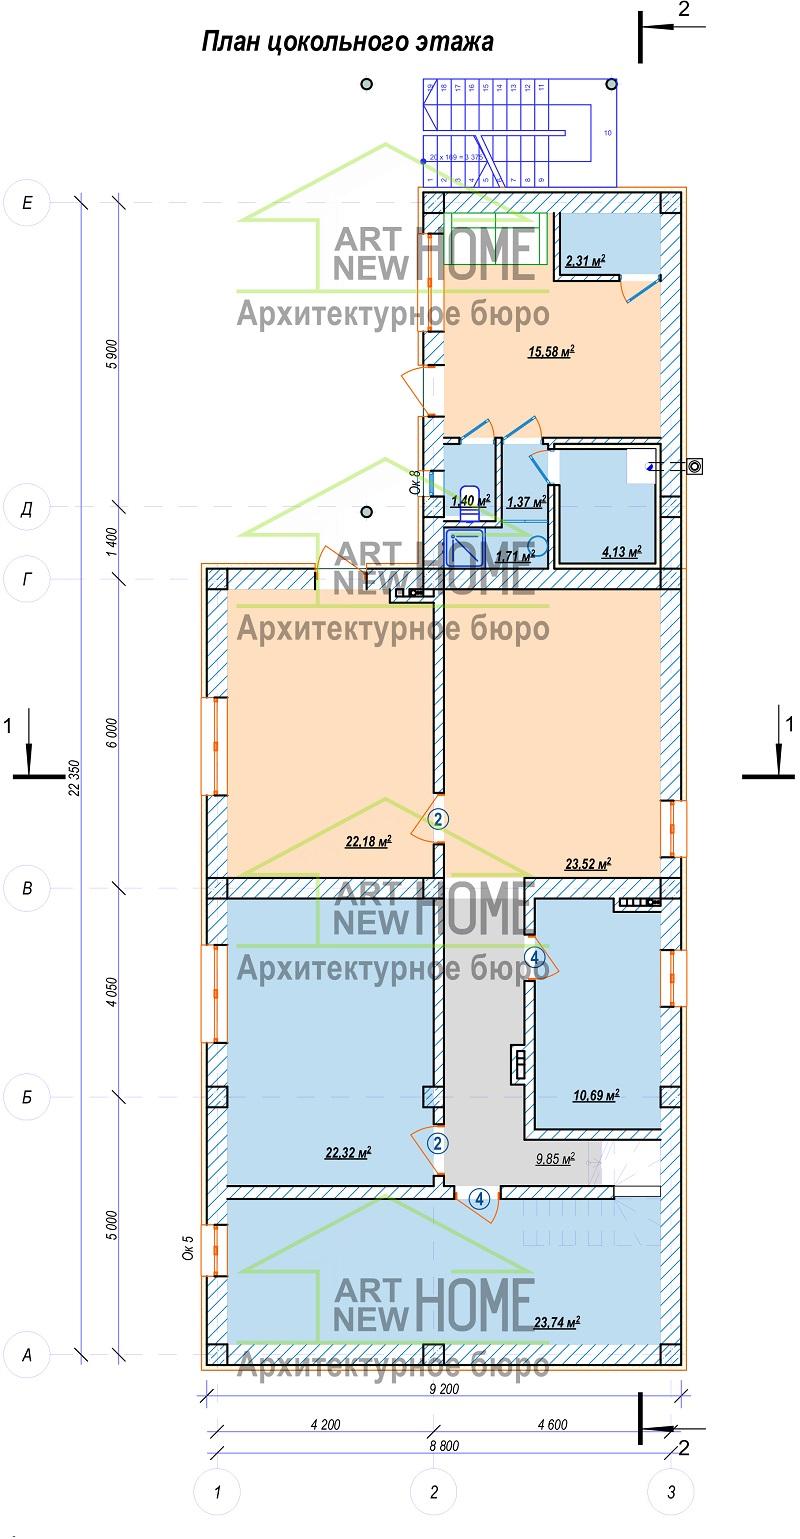 План цокольного этажа Мысхако